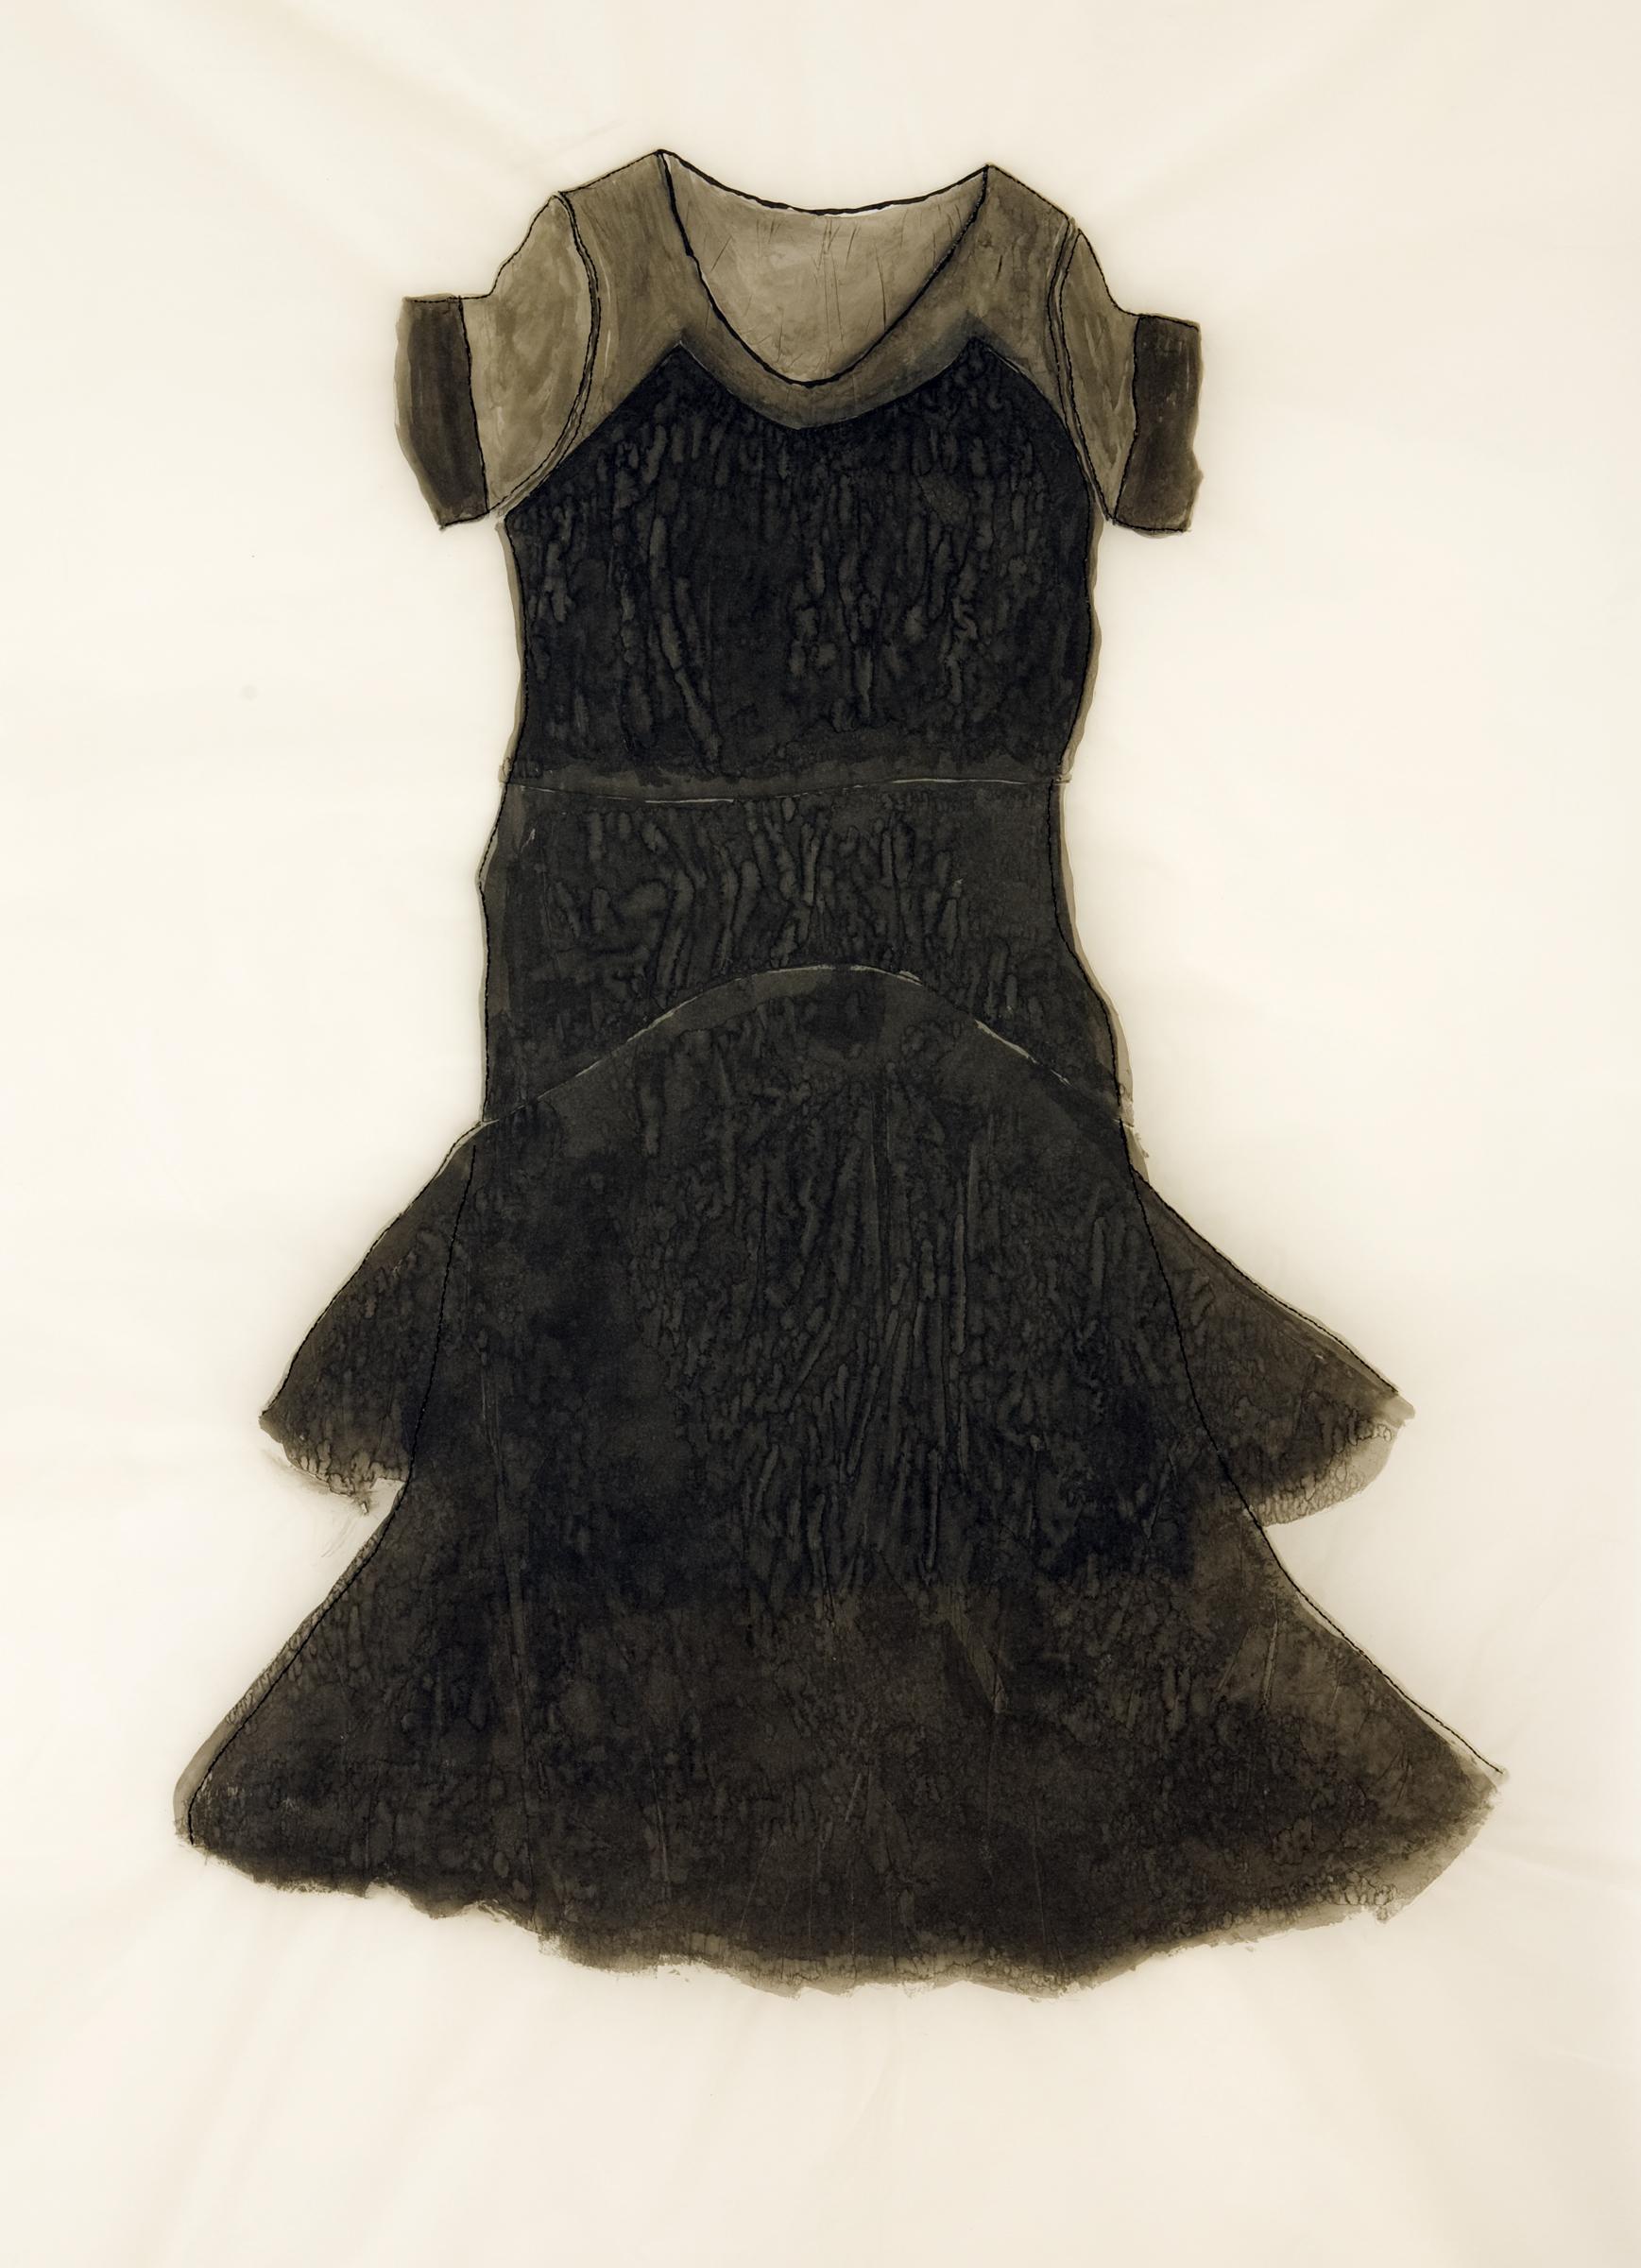 5.5_Black Dress;D-4S(back)_2007.jpg